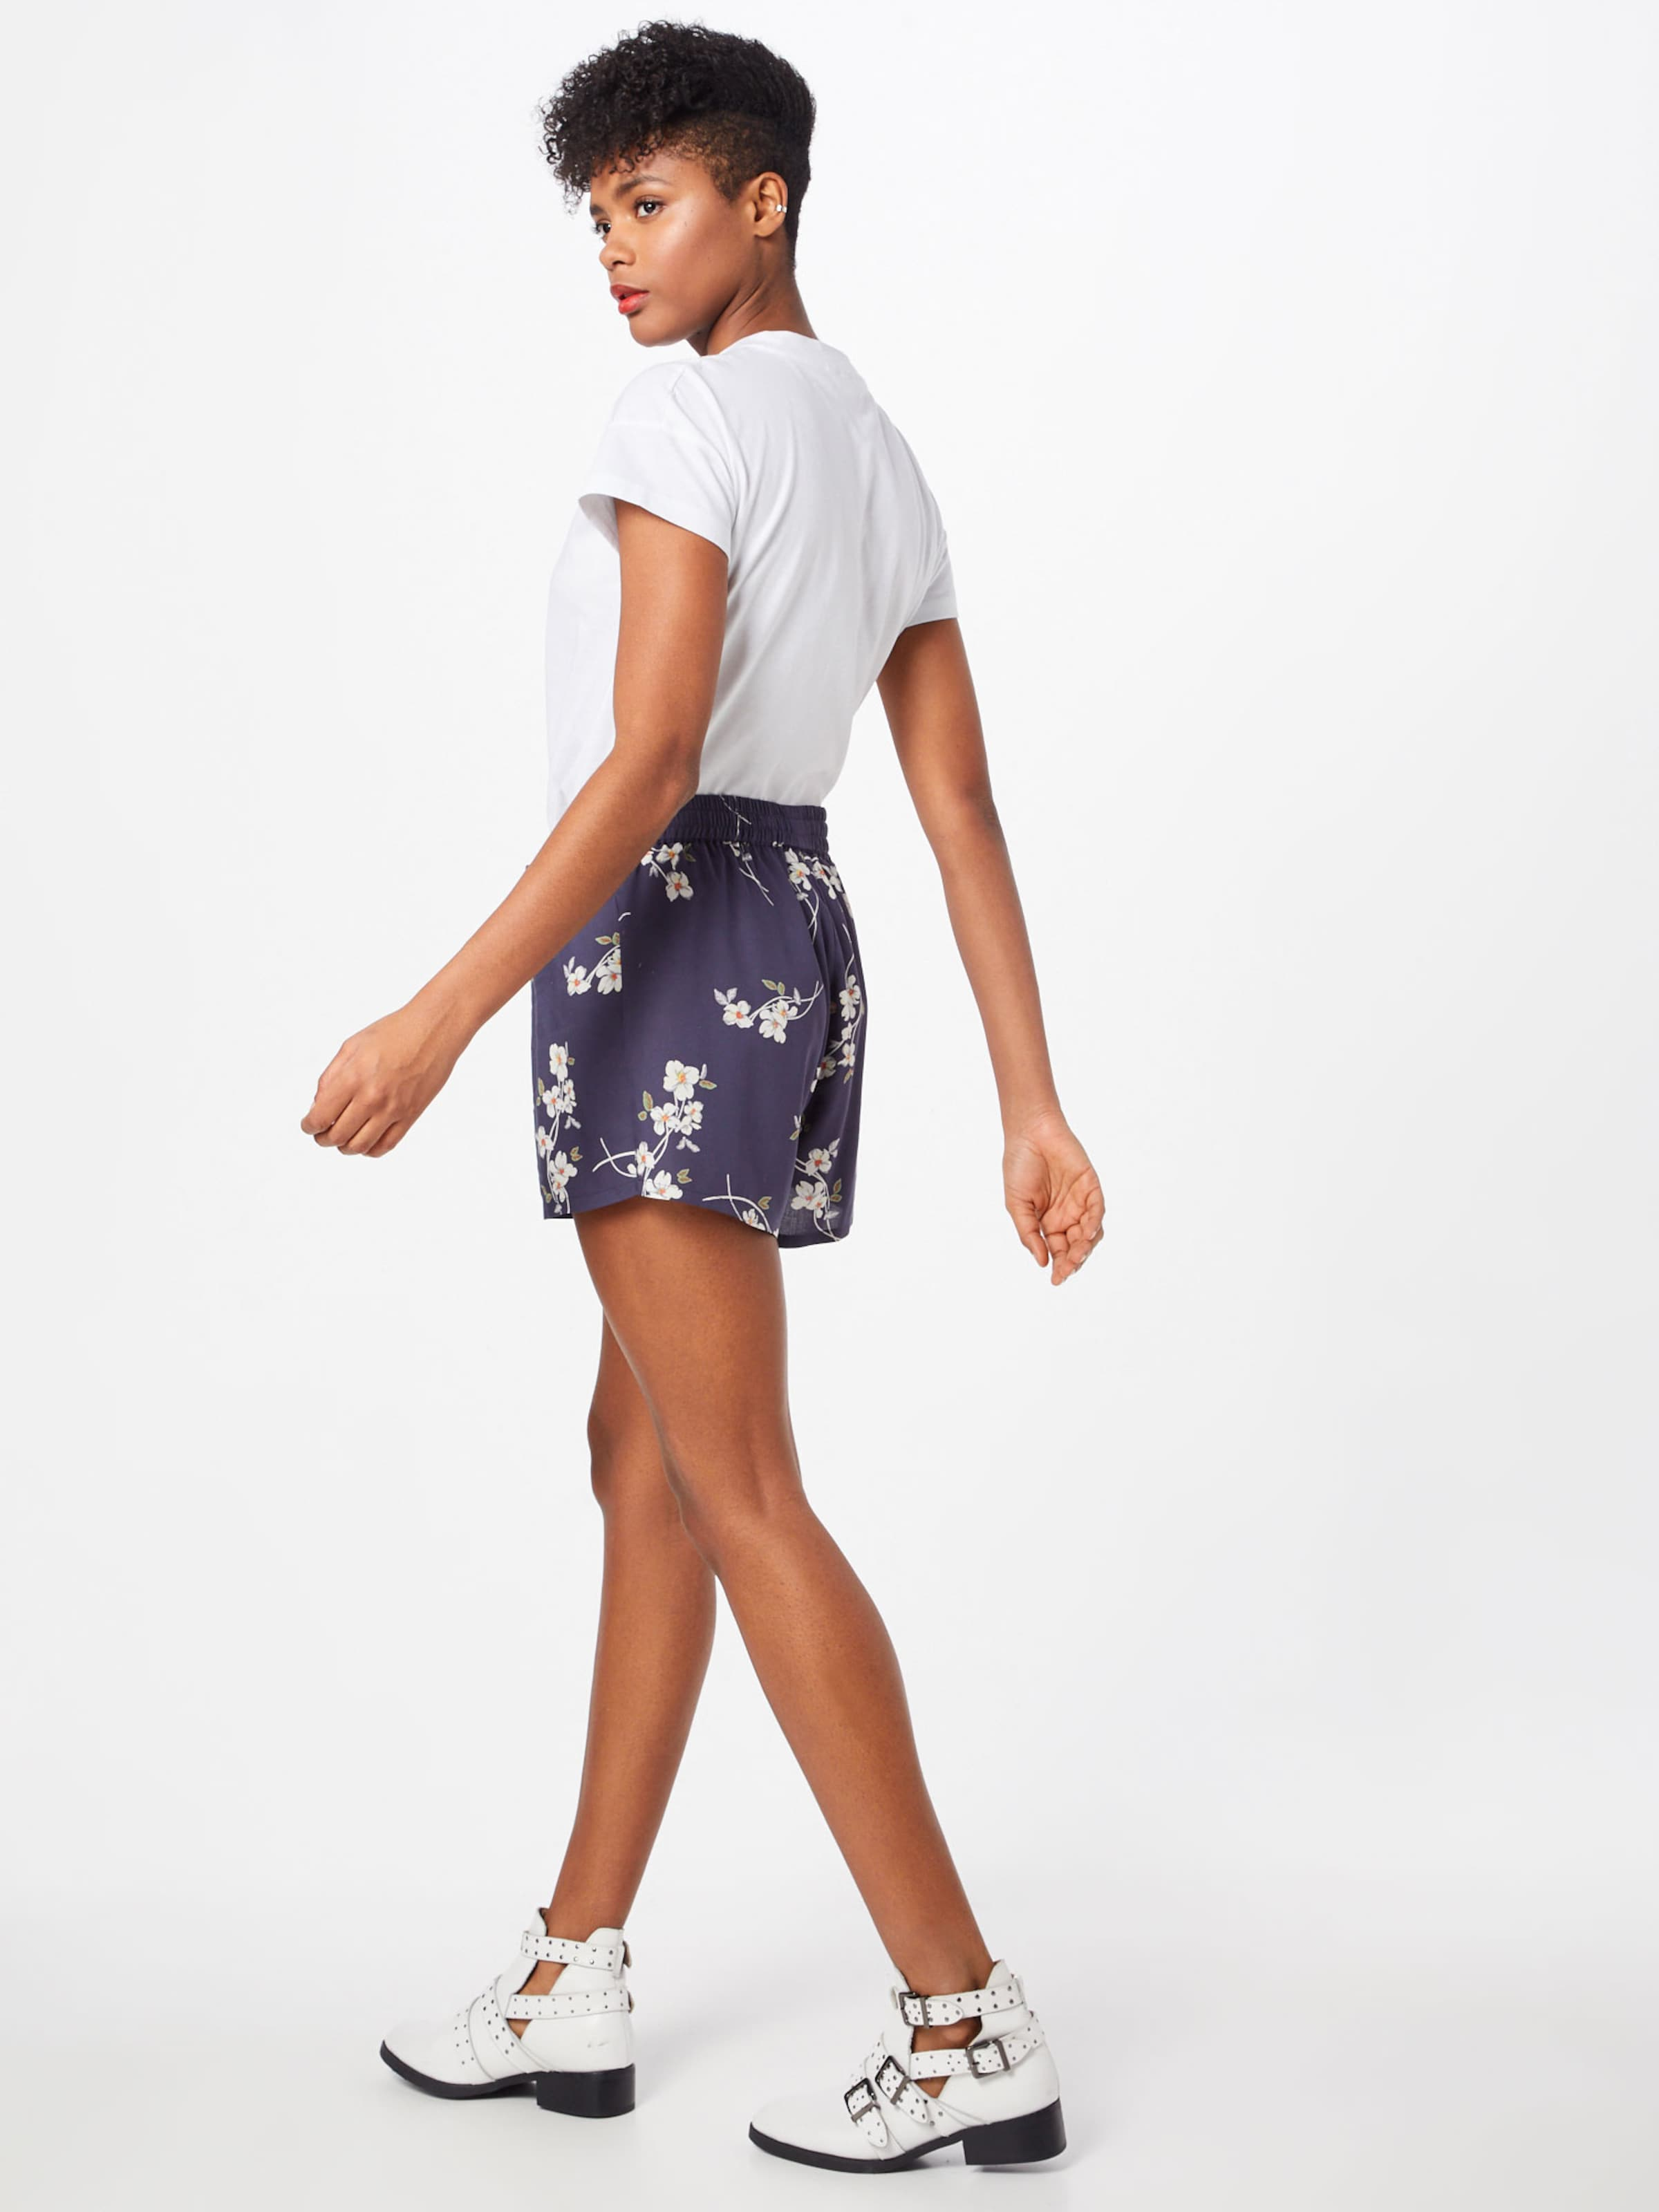 Bleu May Pantalon En 'nmmagic' Noisy A3q54jRL